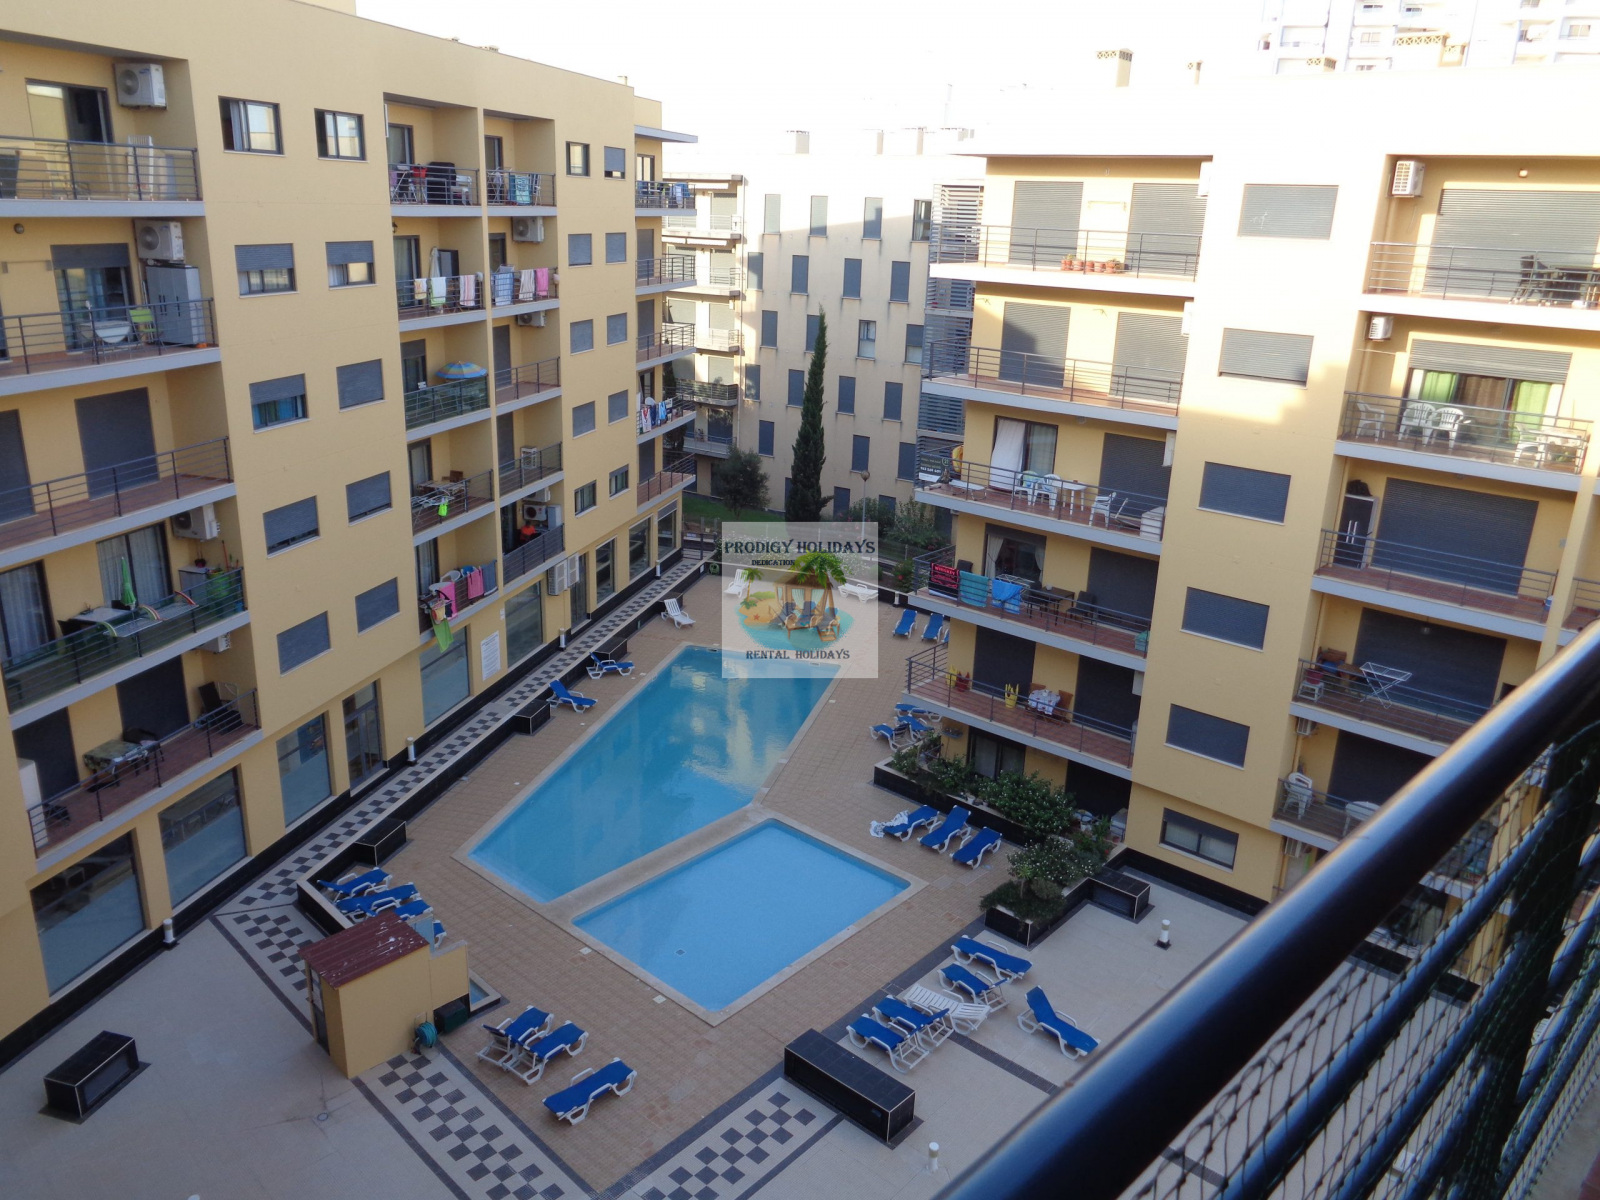 imagens-apartamentos-115-scaled